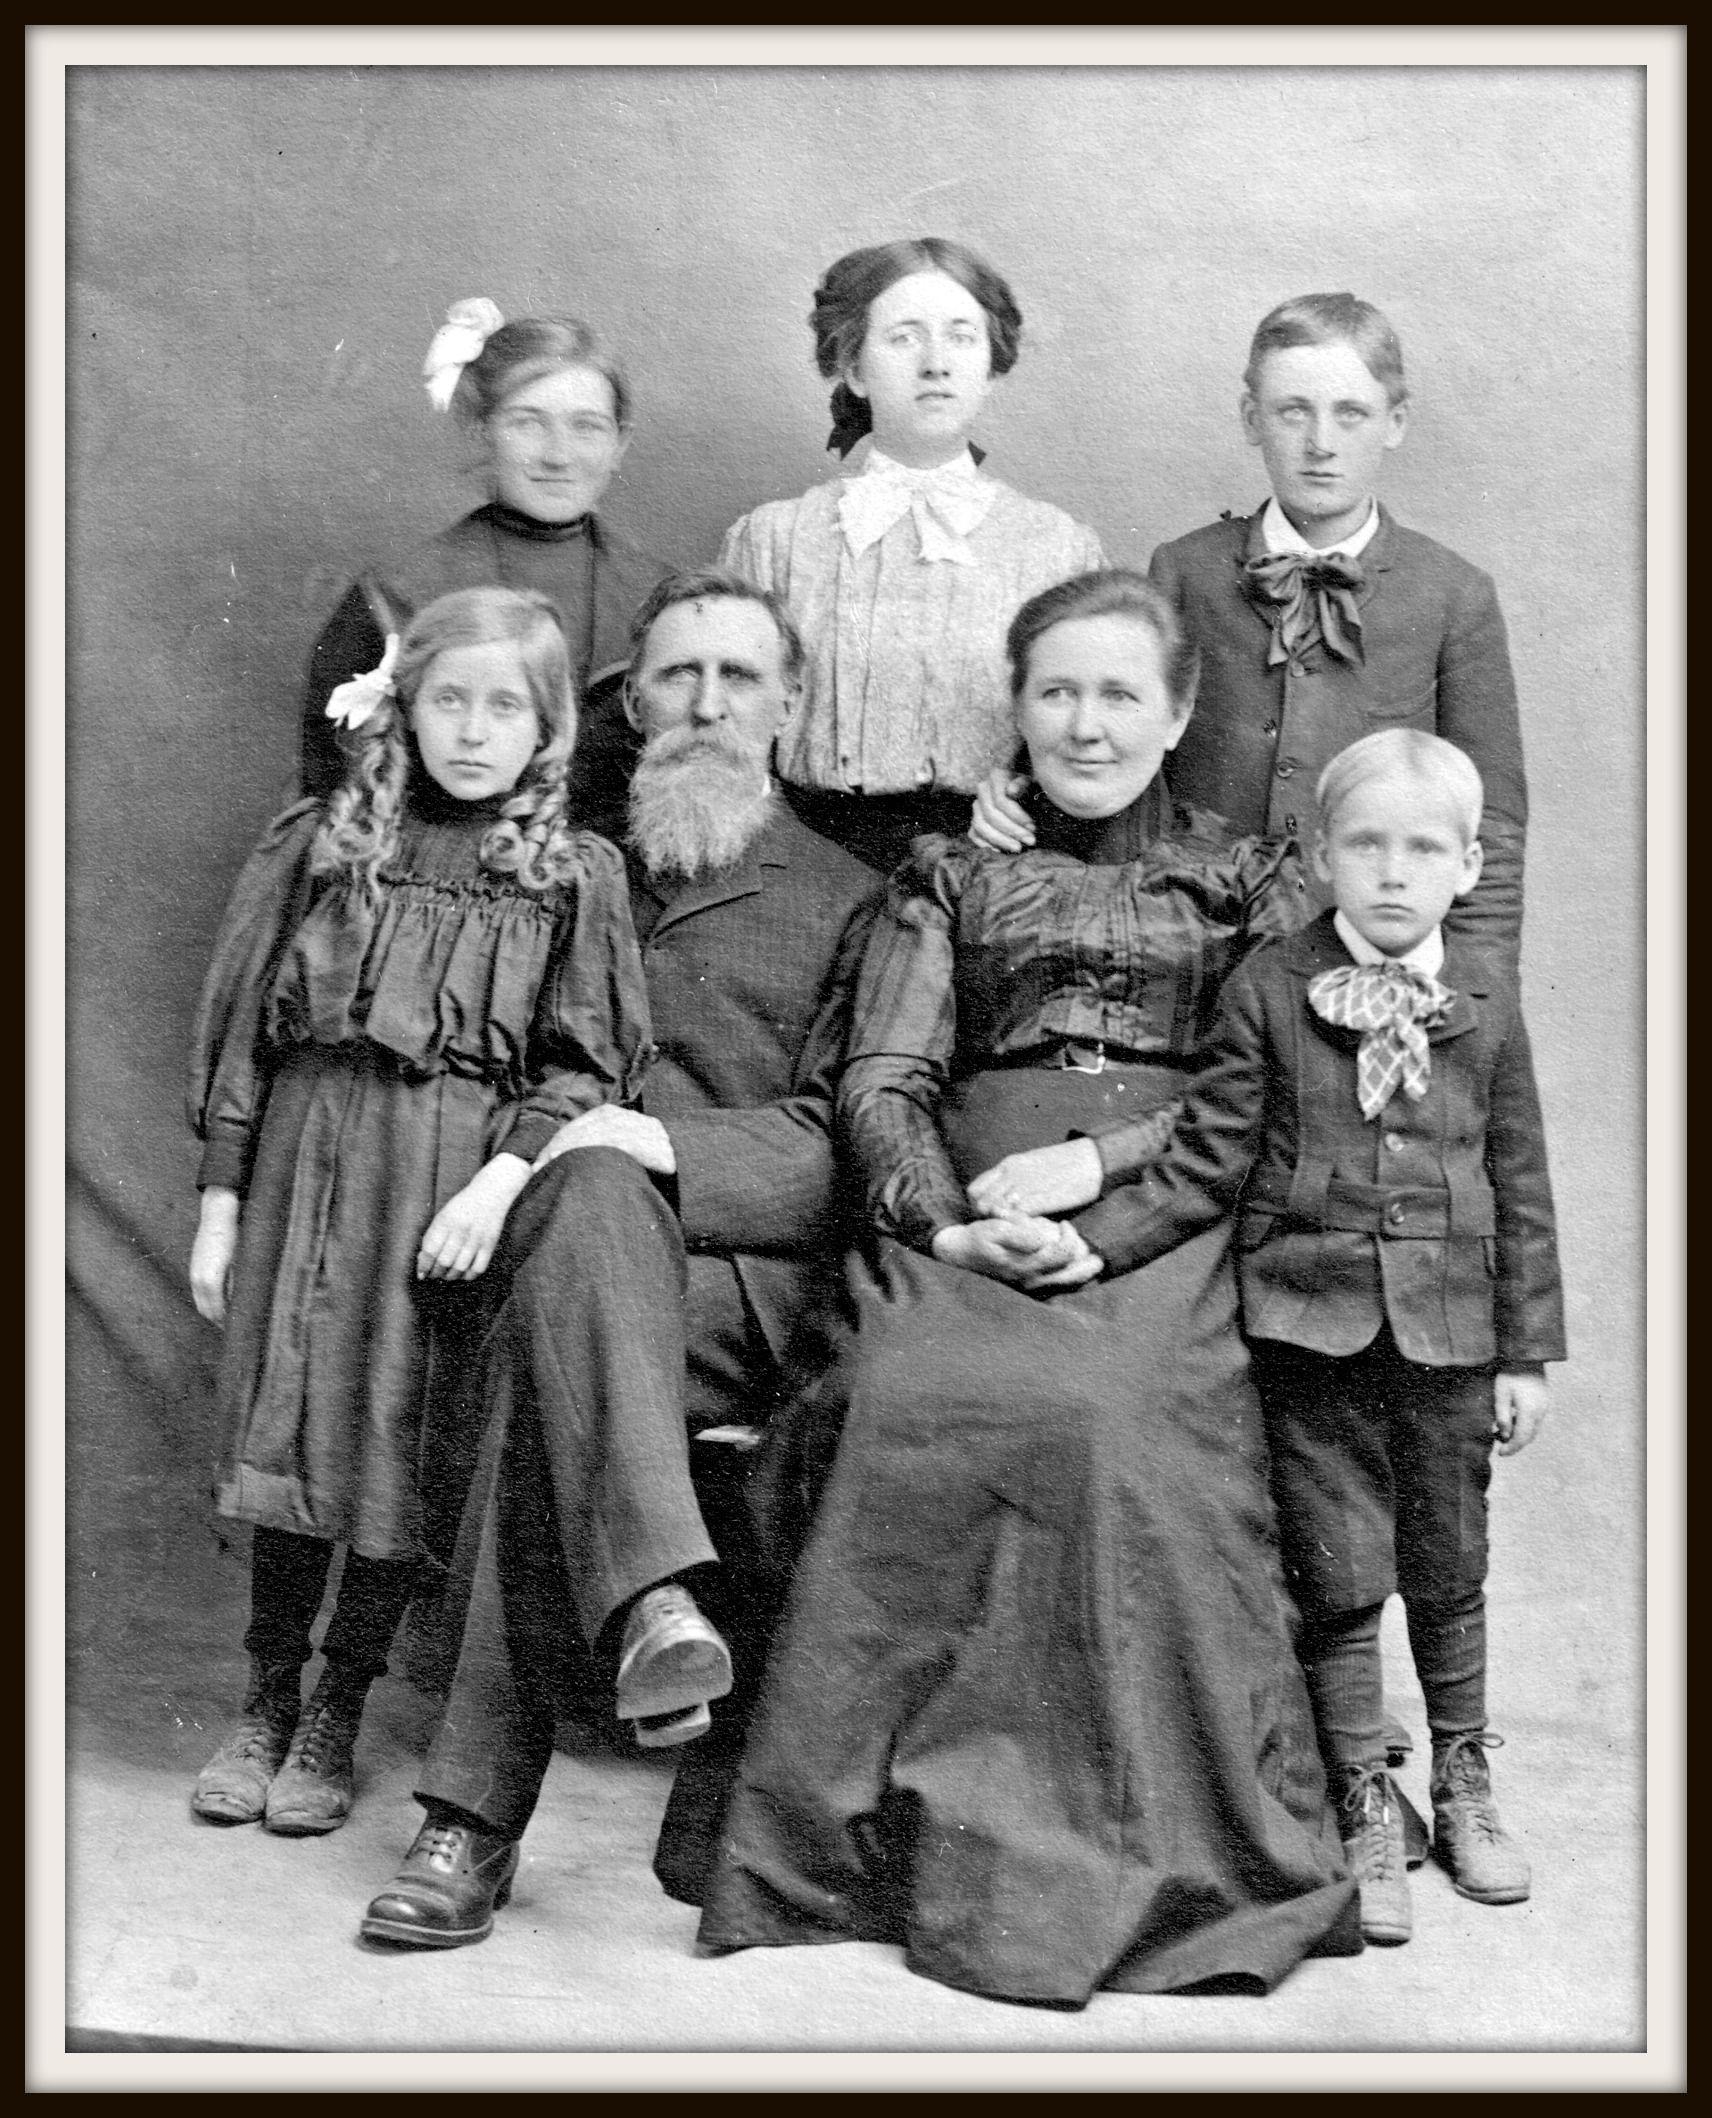 угольщик это роль старых фото в семье часть кладбища